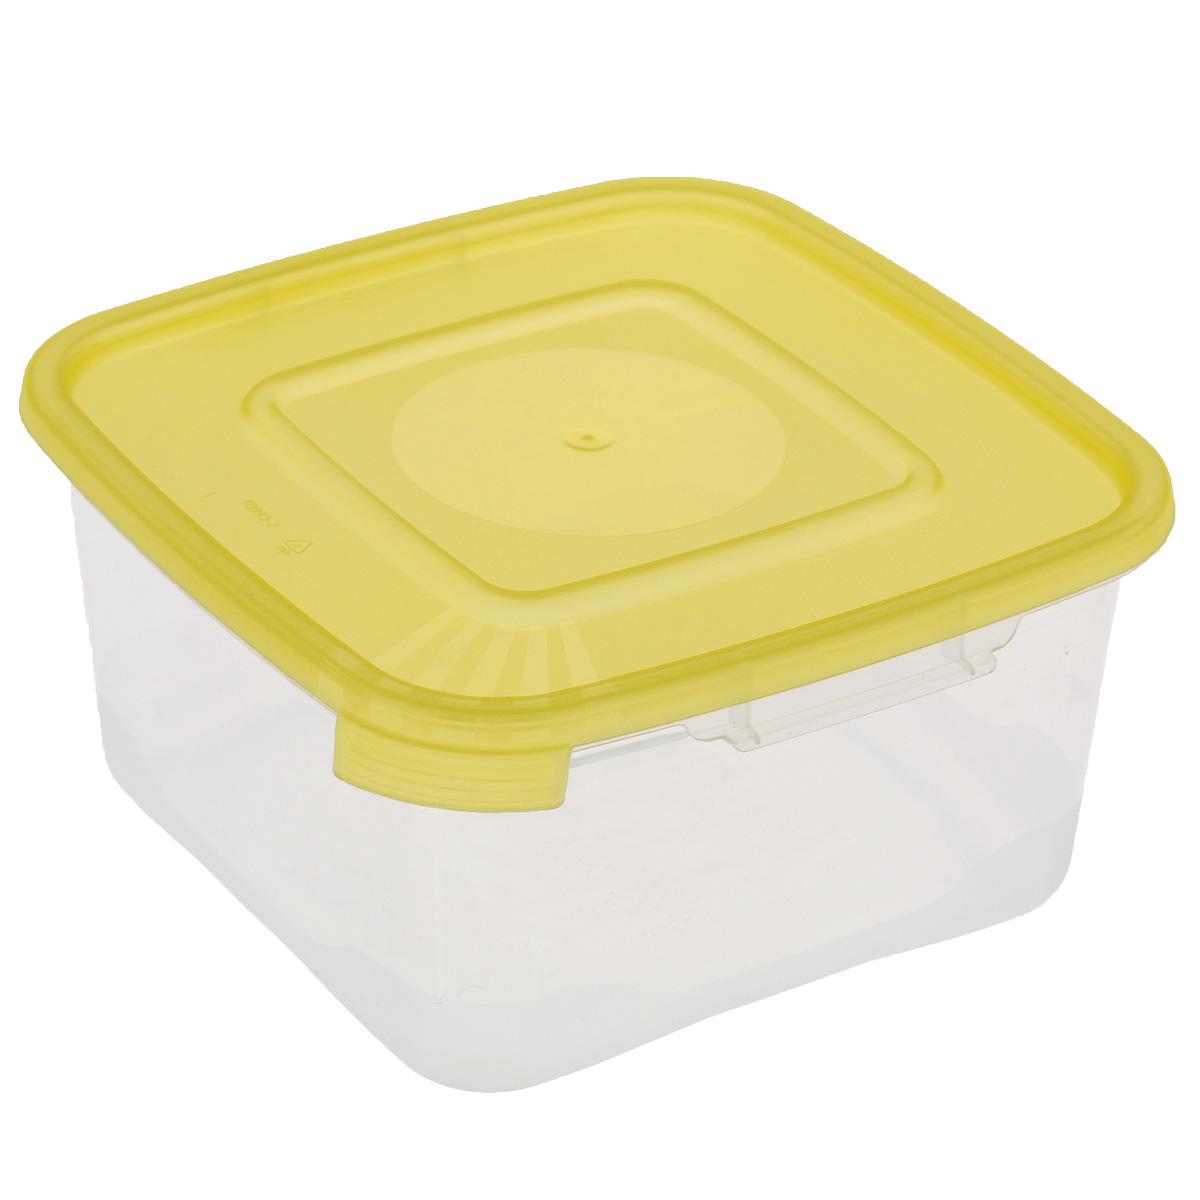 Контейнер Полимербыт Каскад, цвет: желтый, 460 млС610Контейнер Полимербыт Каскад квадратной формы, изготовленный из прочного пластика, предназначен специально для хранения пищевых продуктов. Крышка легко открывается и плотно закрывается. Прозрачные стенки позволяют видеть содержимое. Контейнер устойчив к воздействию масел и жиров, легко моется. Контейнер имеет возможность хранения продуктов глубокой заморозки, обладает высокой прочностью. Можно мыть в посудомоечной машине. Подходит для использования в микроволновых печах.